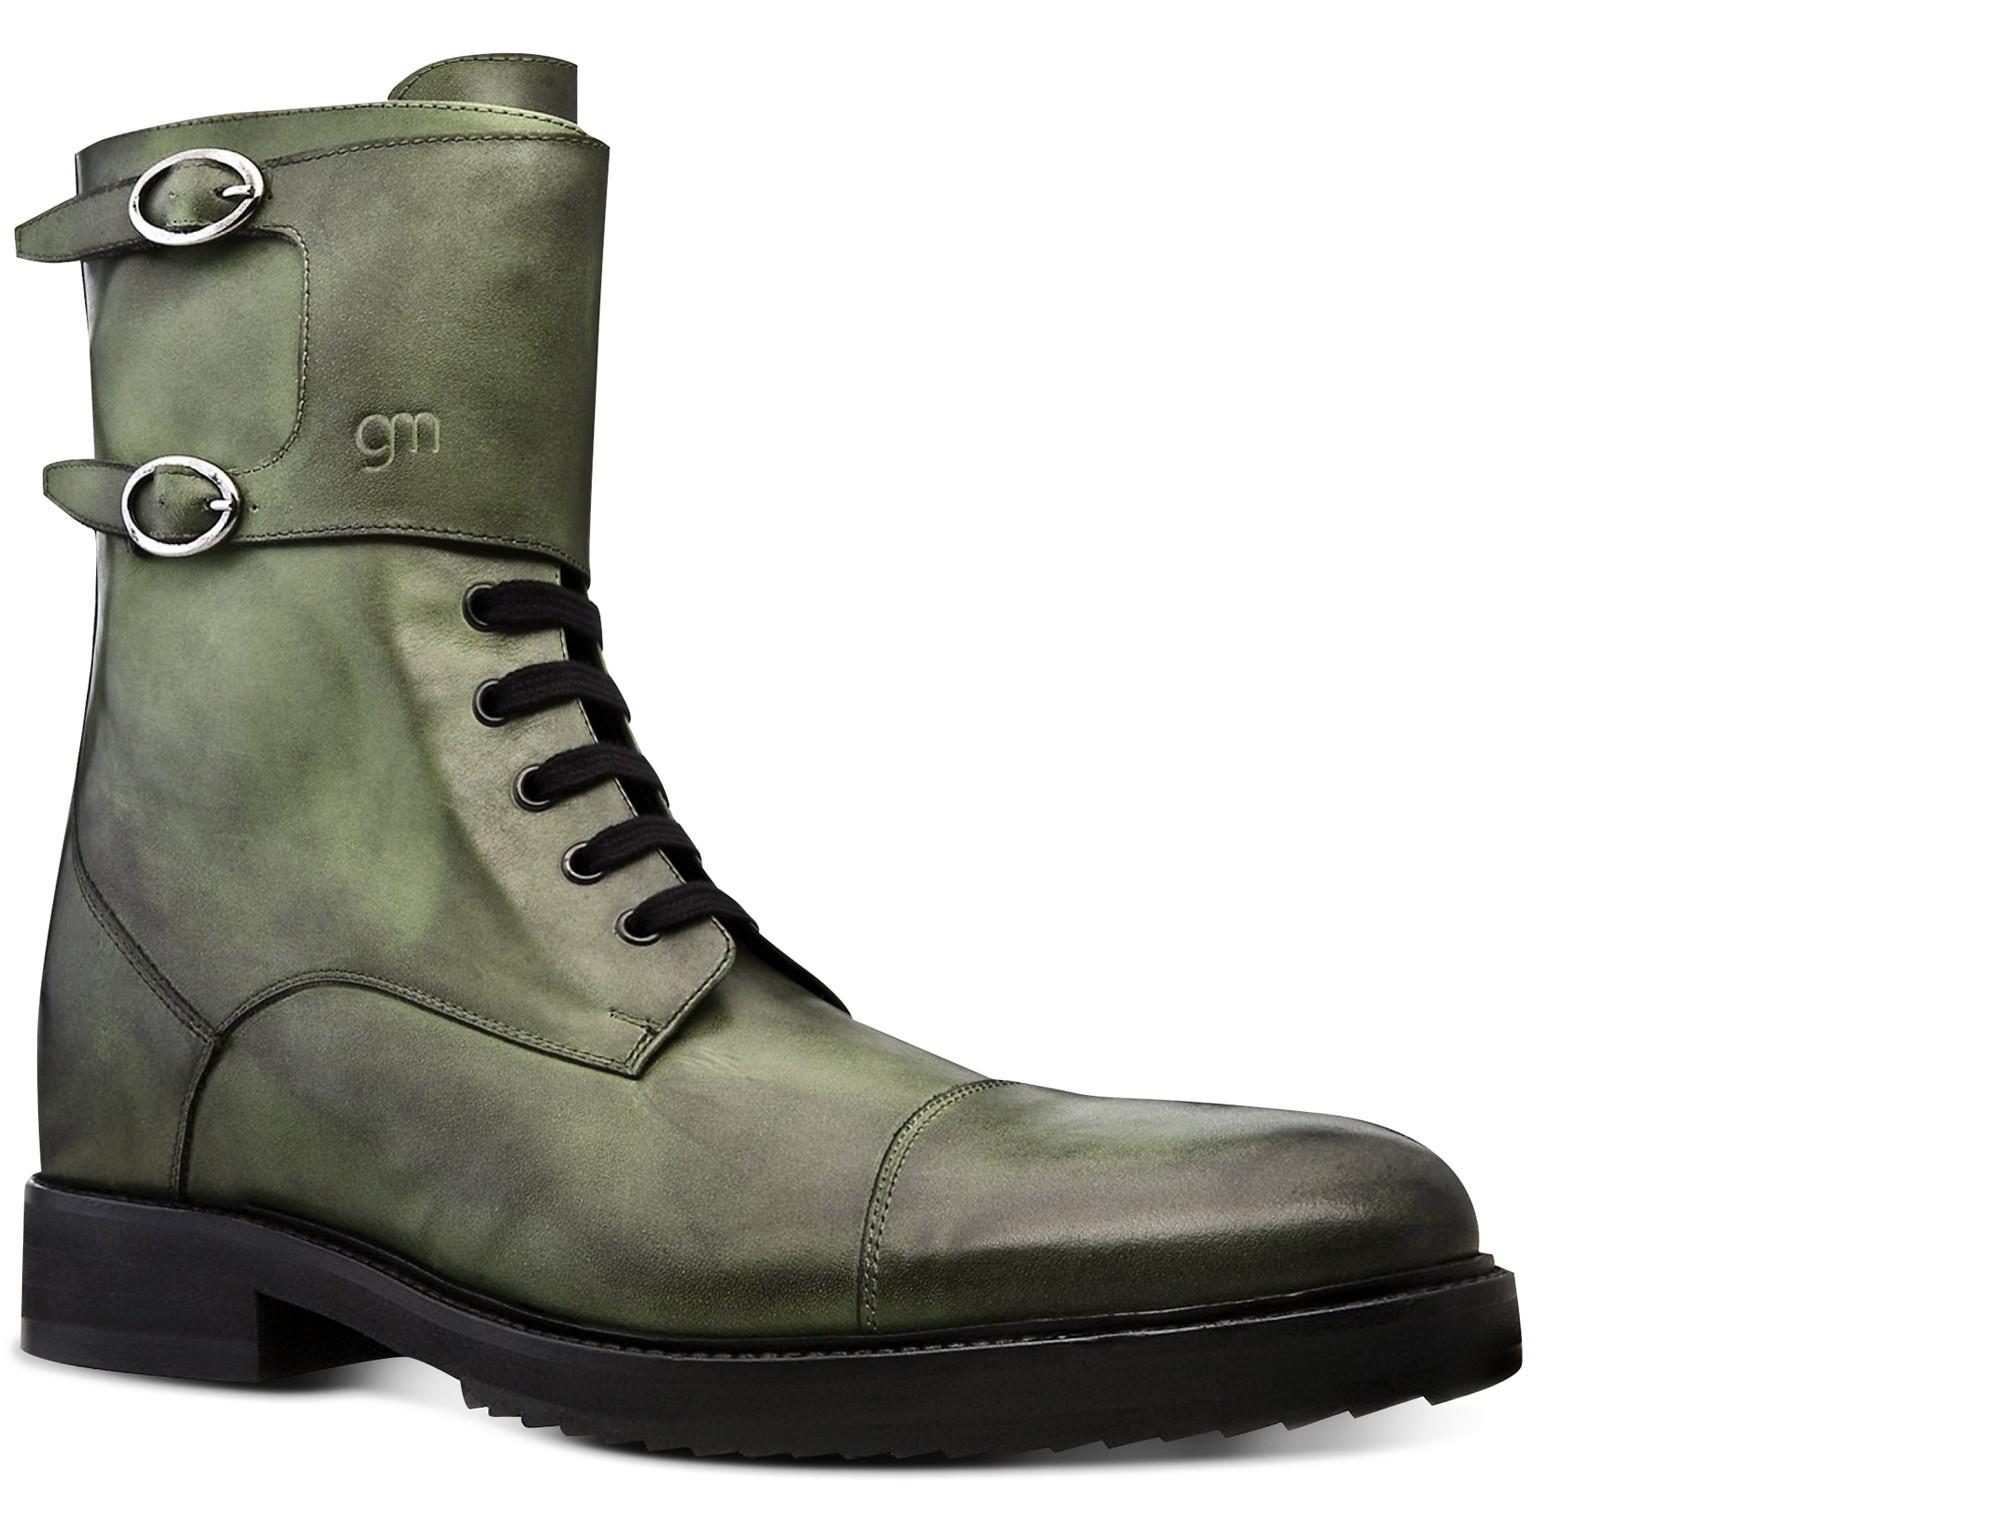 scarpe che aumentano la statura